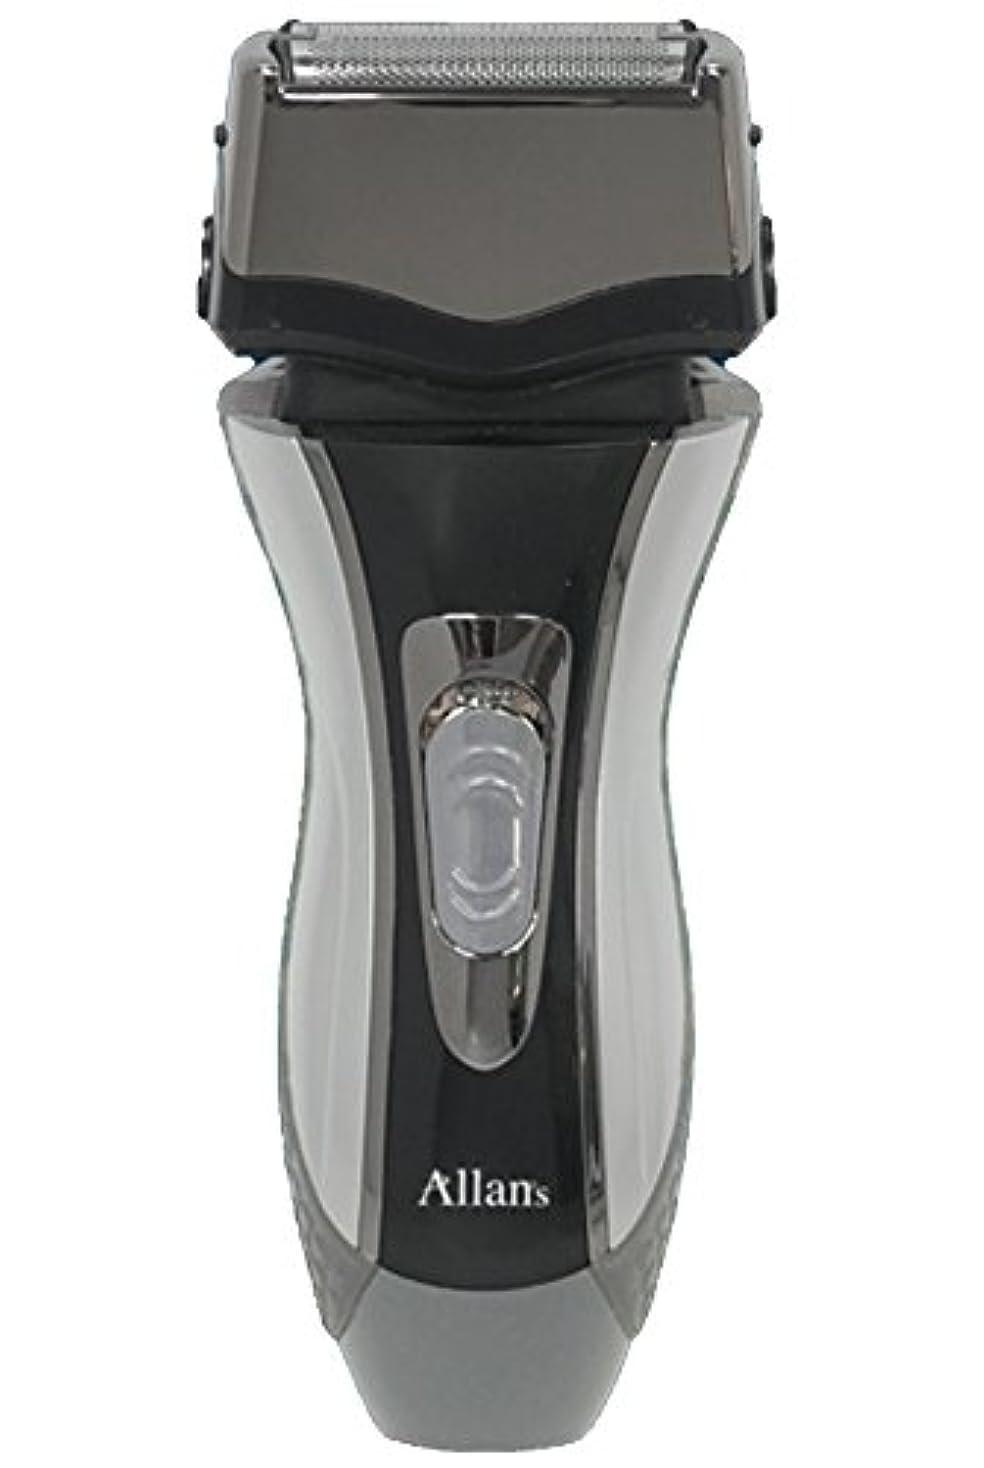 不正大工ルアーAllans 往復式 3枚刃 洗える 充電 電動 髭剃り ウォッシャブル シェーバー トリプルブレード MEBM-7